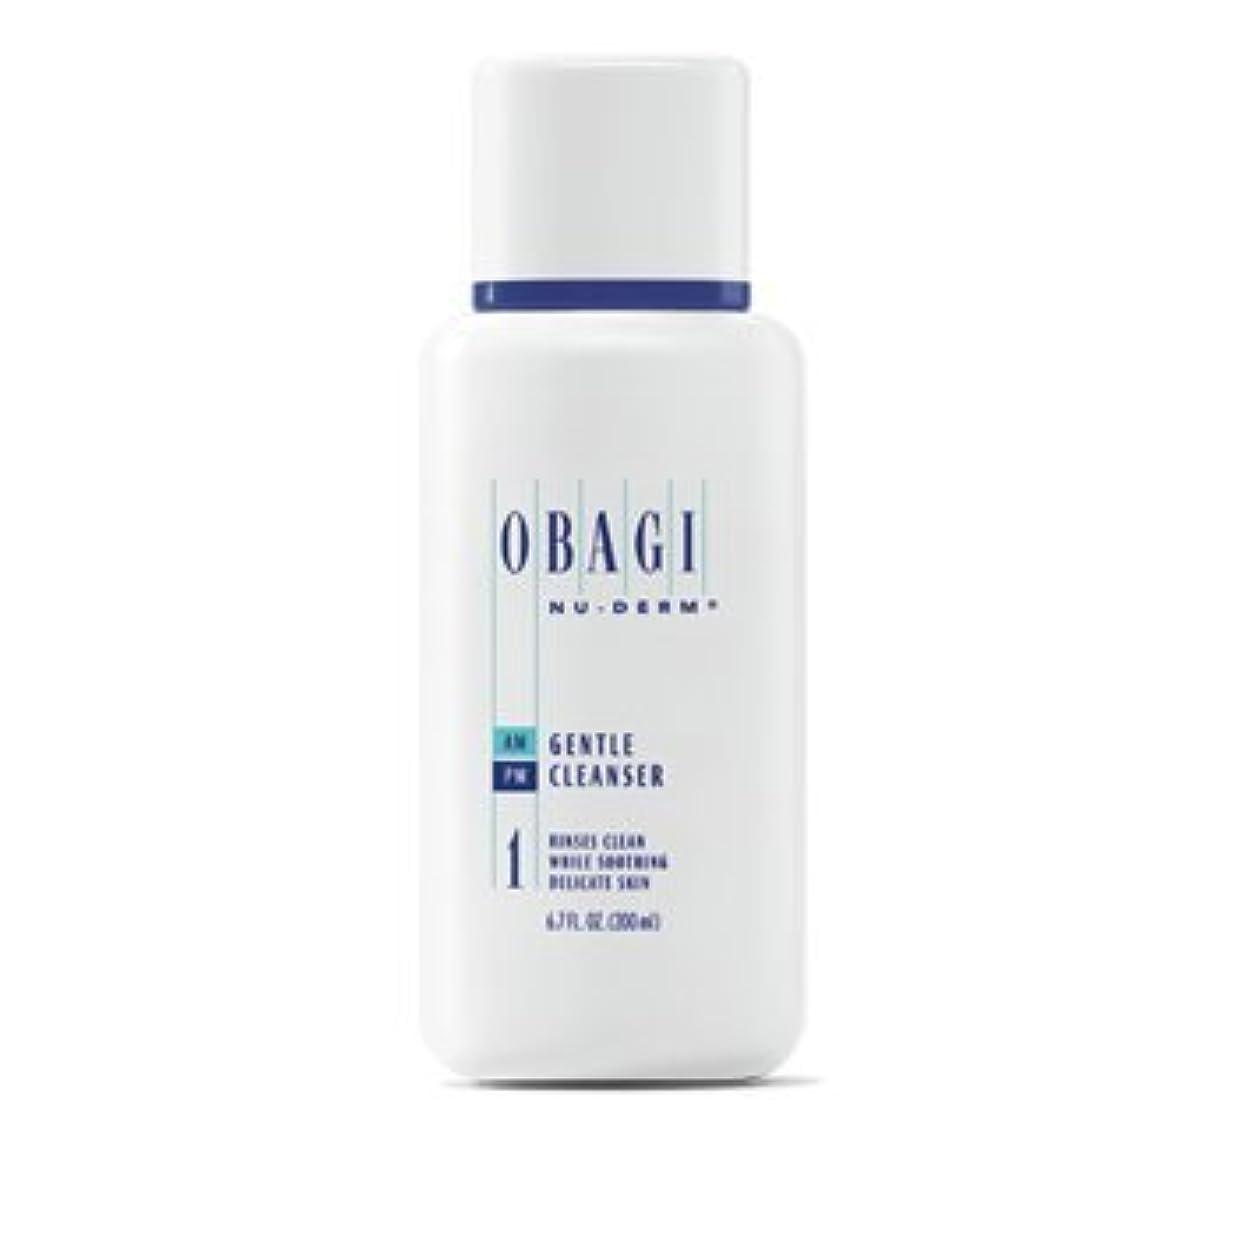 グリーンバック配列相談OBAGI オメジ  ニューダーム ジェントル クレンザー 1番 乾燥肌用 200ml 海外直送品?並行輸入品